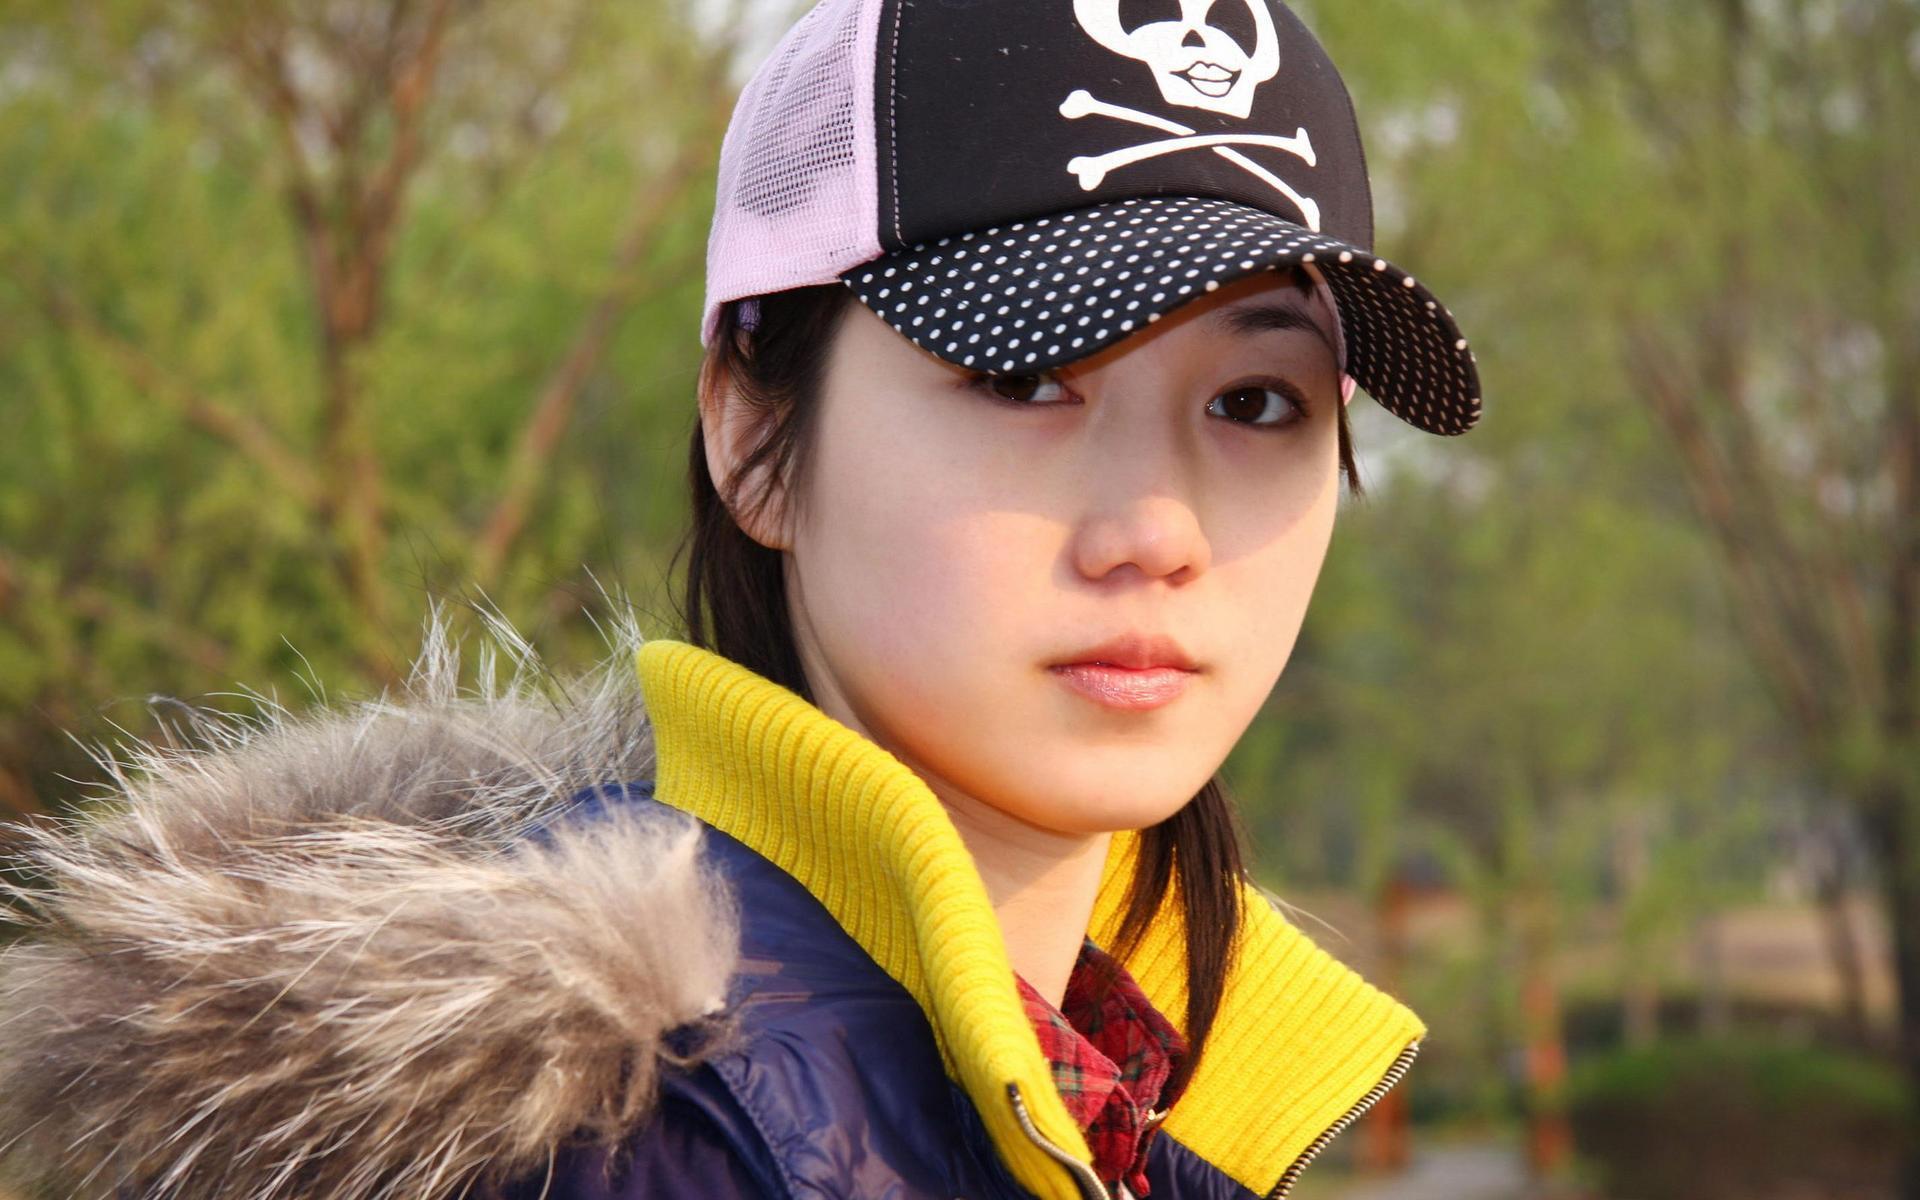 2007年5月6日 中国第一裸模张筱雨爆红